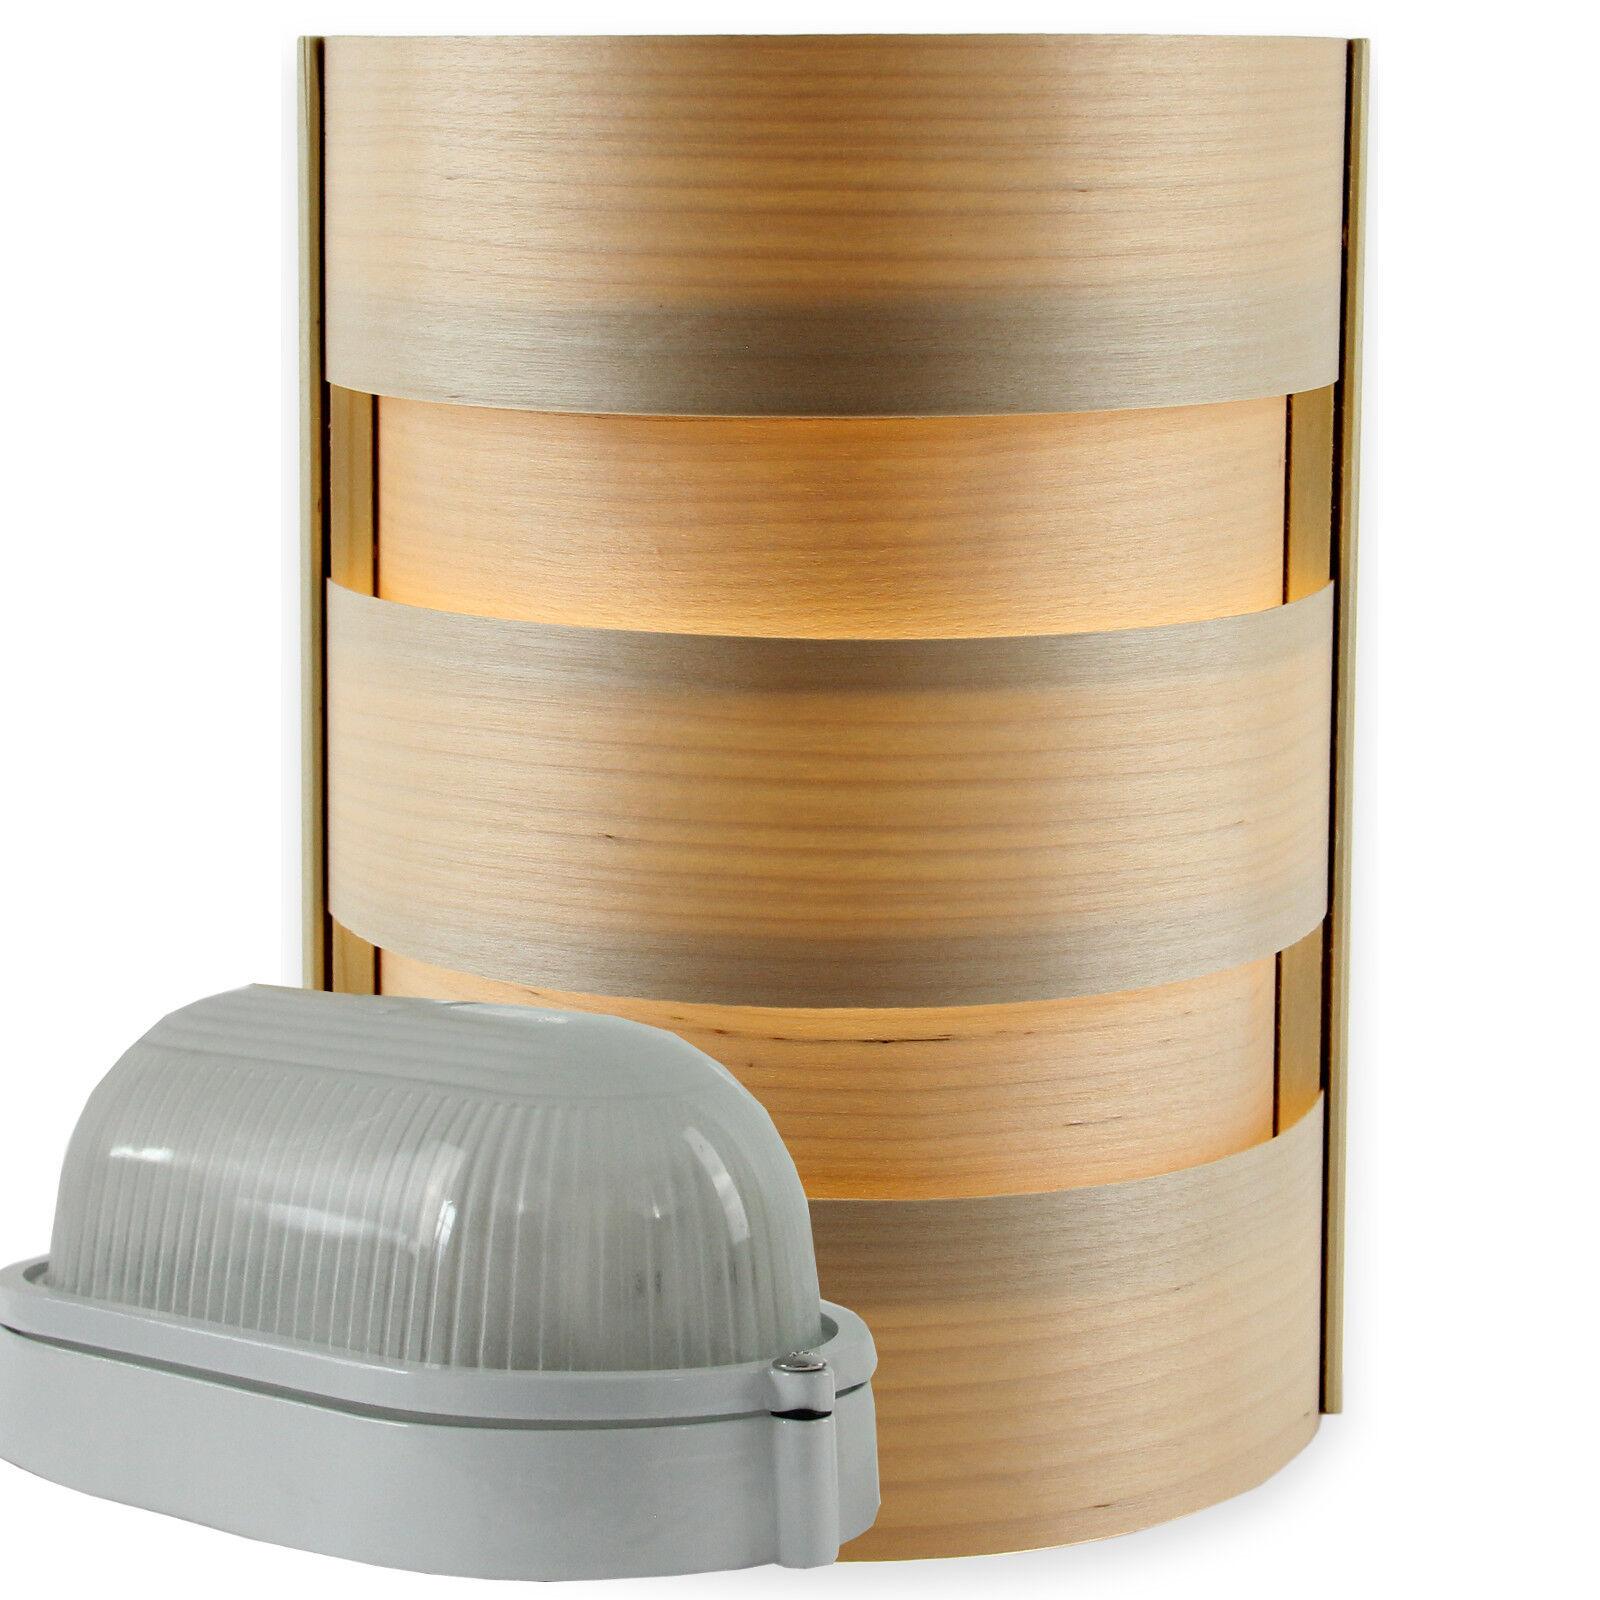 offrendo il 100% Lampada Sauna Sauna Sauna Luna Classic Set 230v con Cavo Lampada Sauna Sauna Accessori Sauna luce  spedizione gratuita